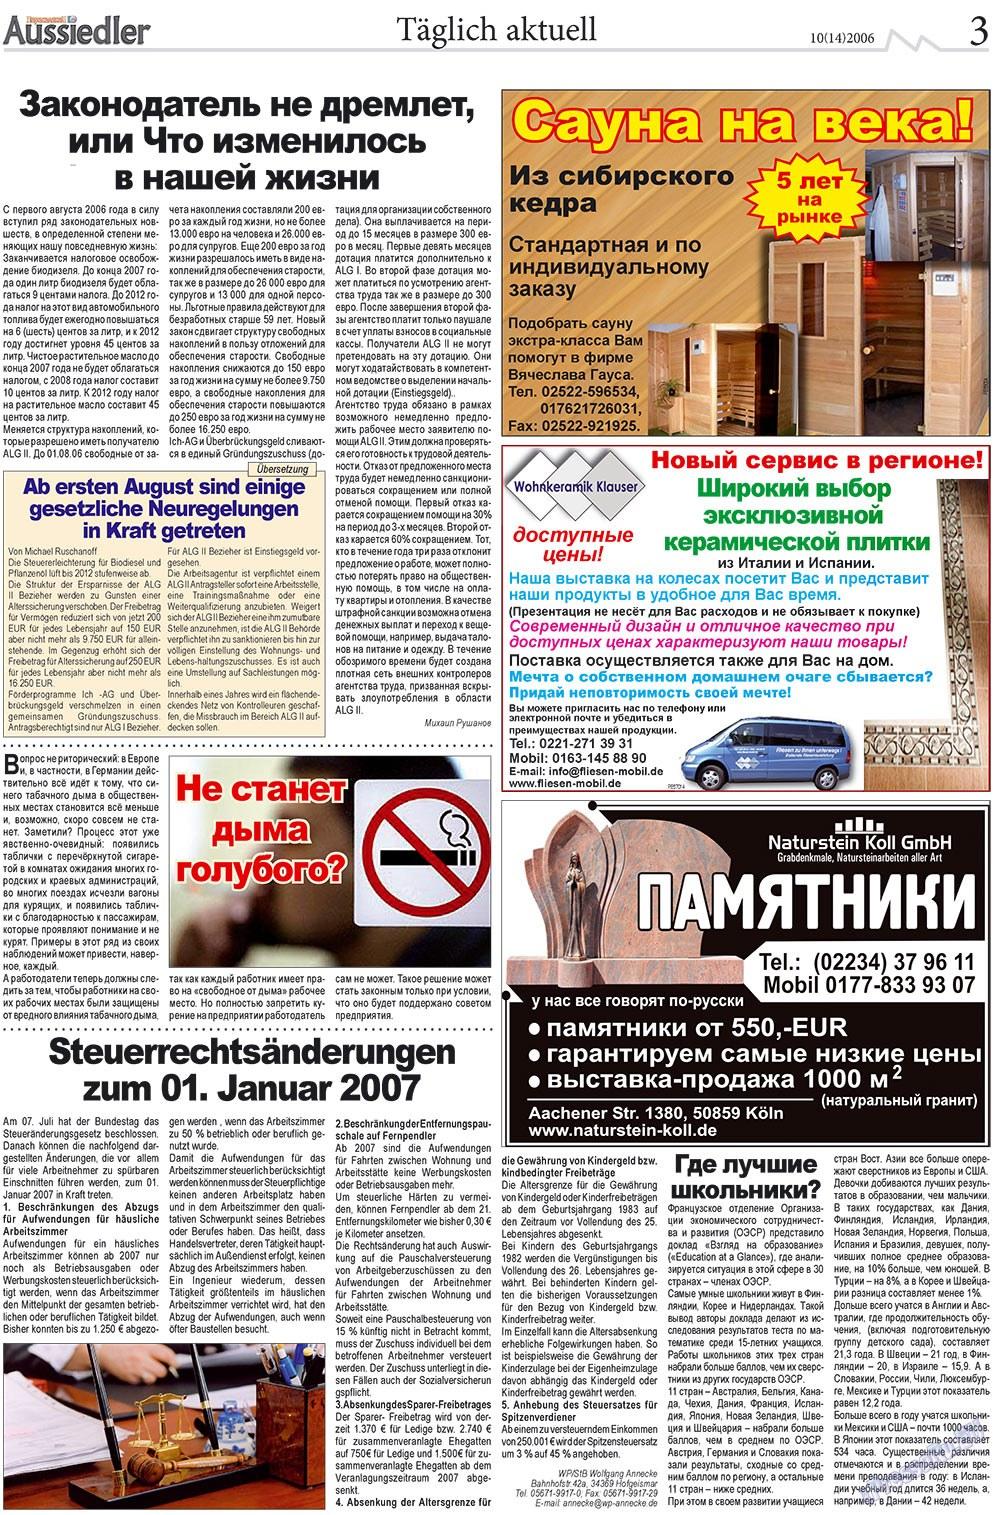 Переселенец (газета). 2006 год, номер 10, стр. 3